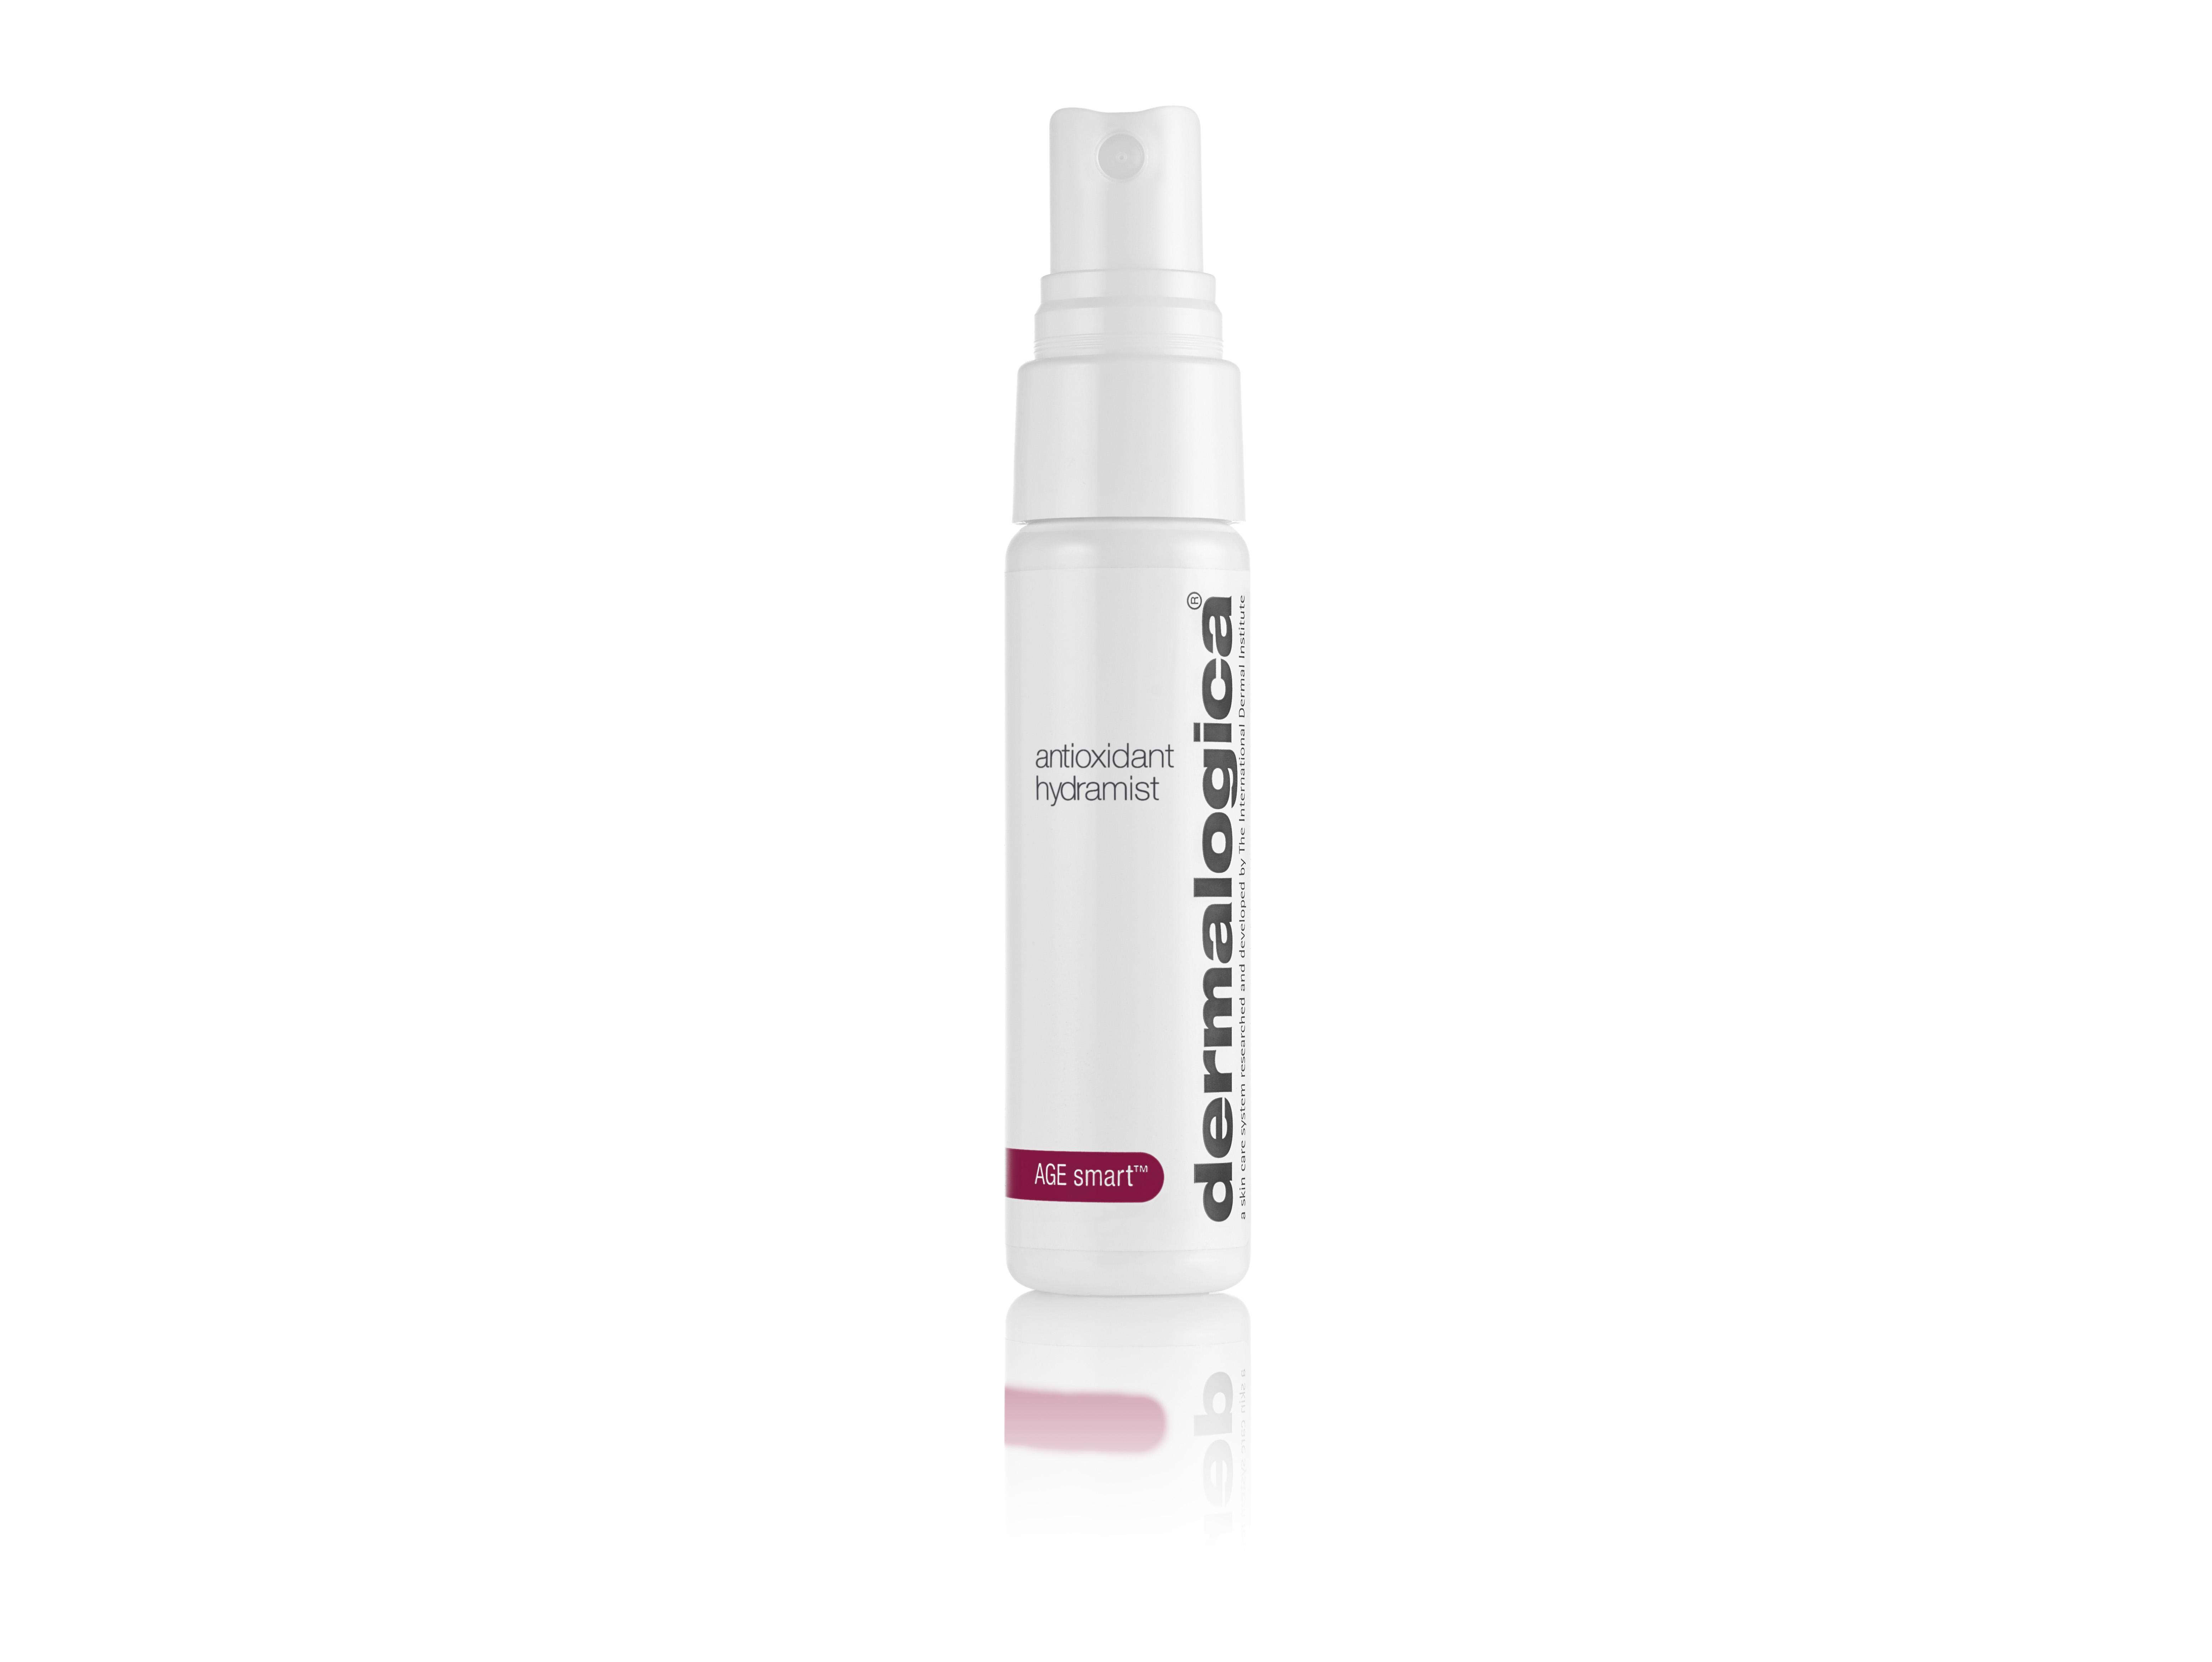 Dermalogica Antioxidant Hydramist, 30 ml